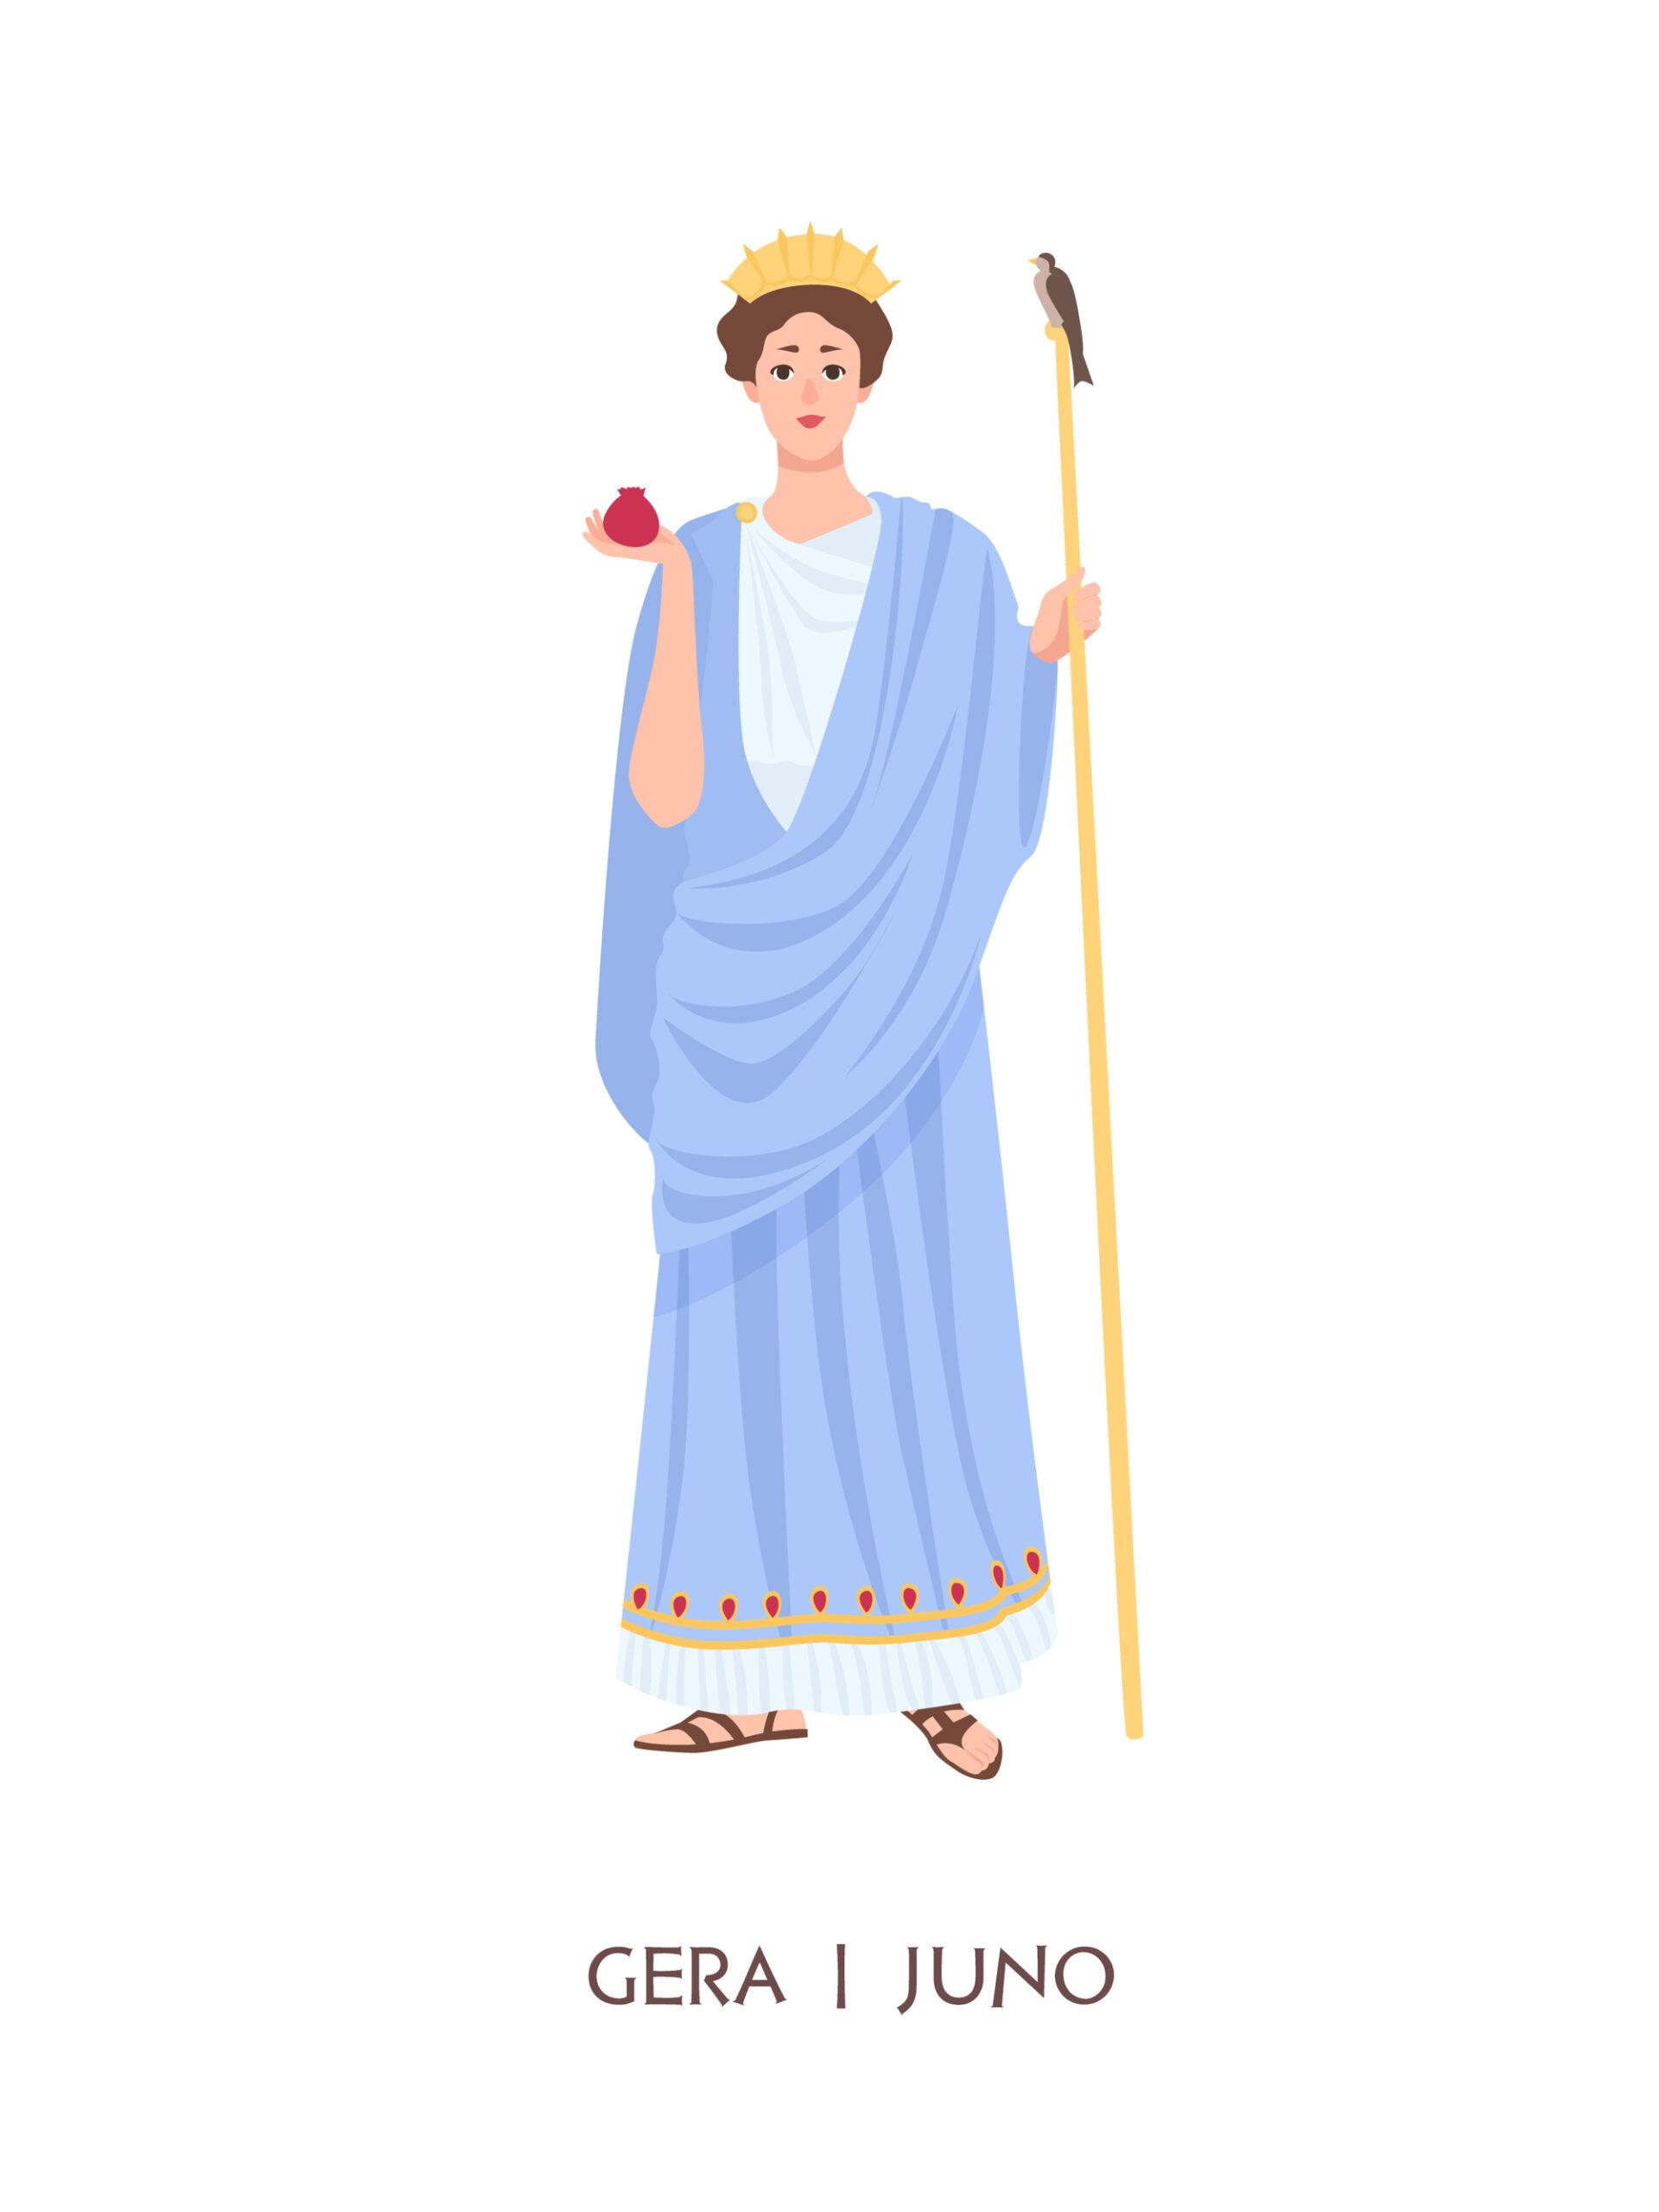 ギリシャ・ローマ神話の女神から